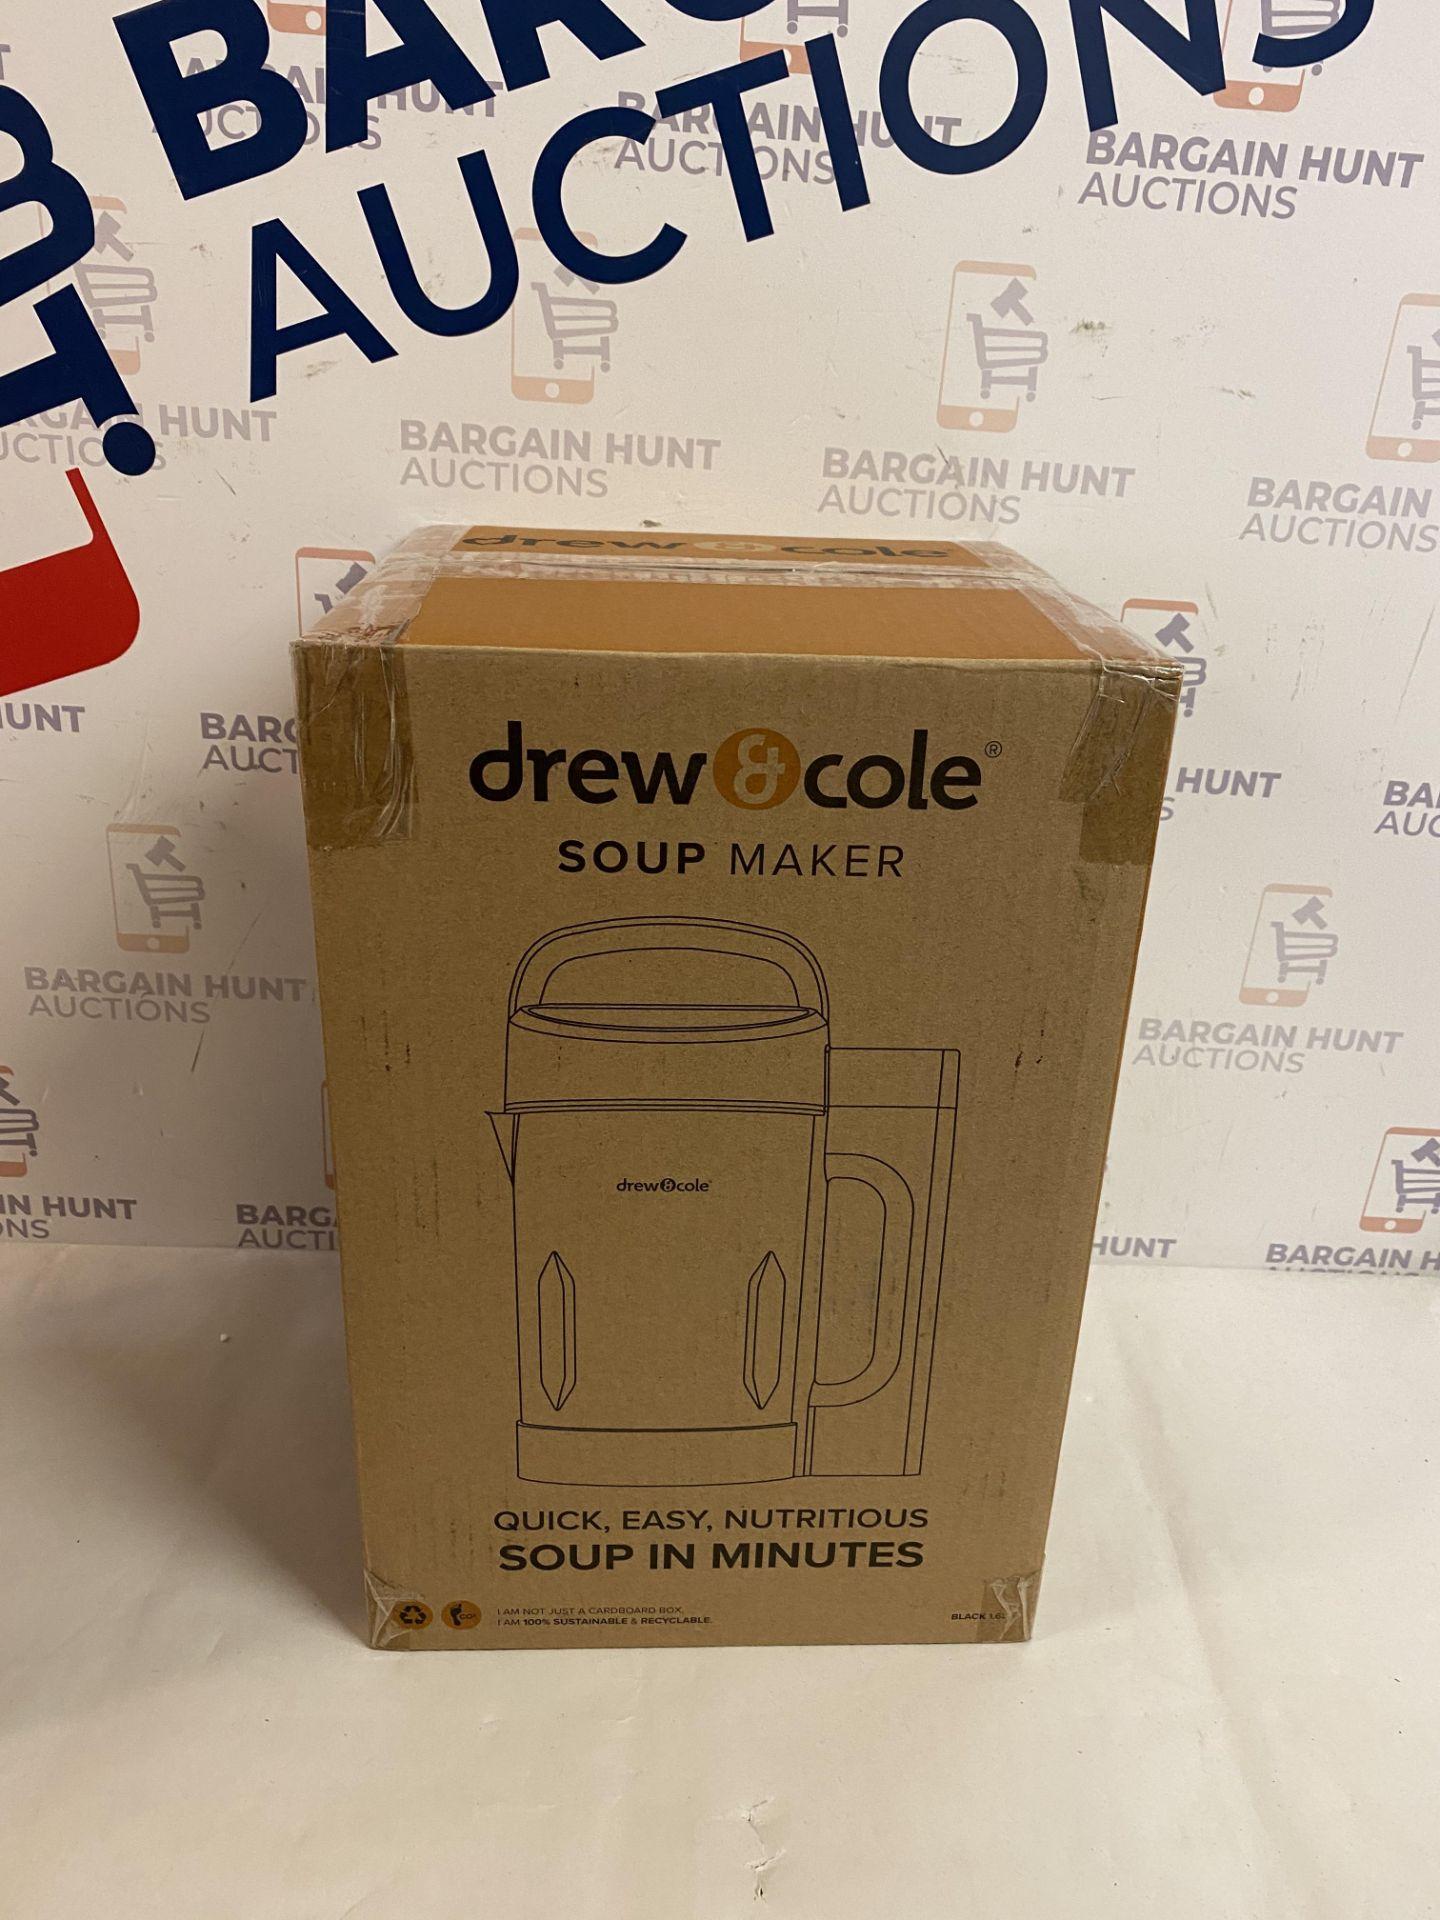 | 1x | Drew&Cole Soup Maker 1.6L - Black | Refurbished | No Online Resale | SKU 5060541516885 |